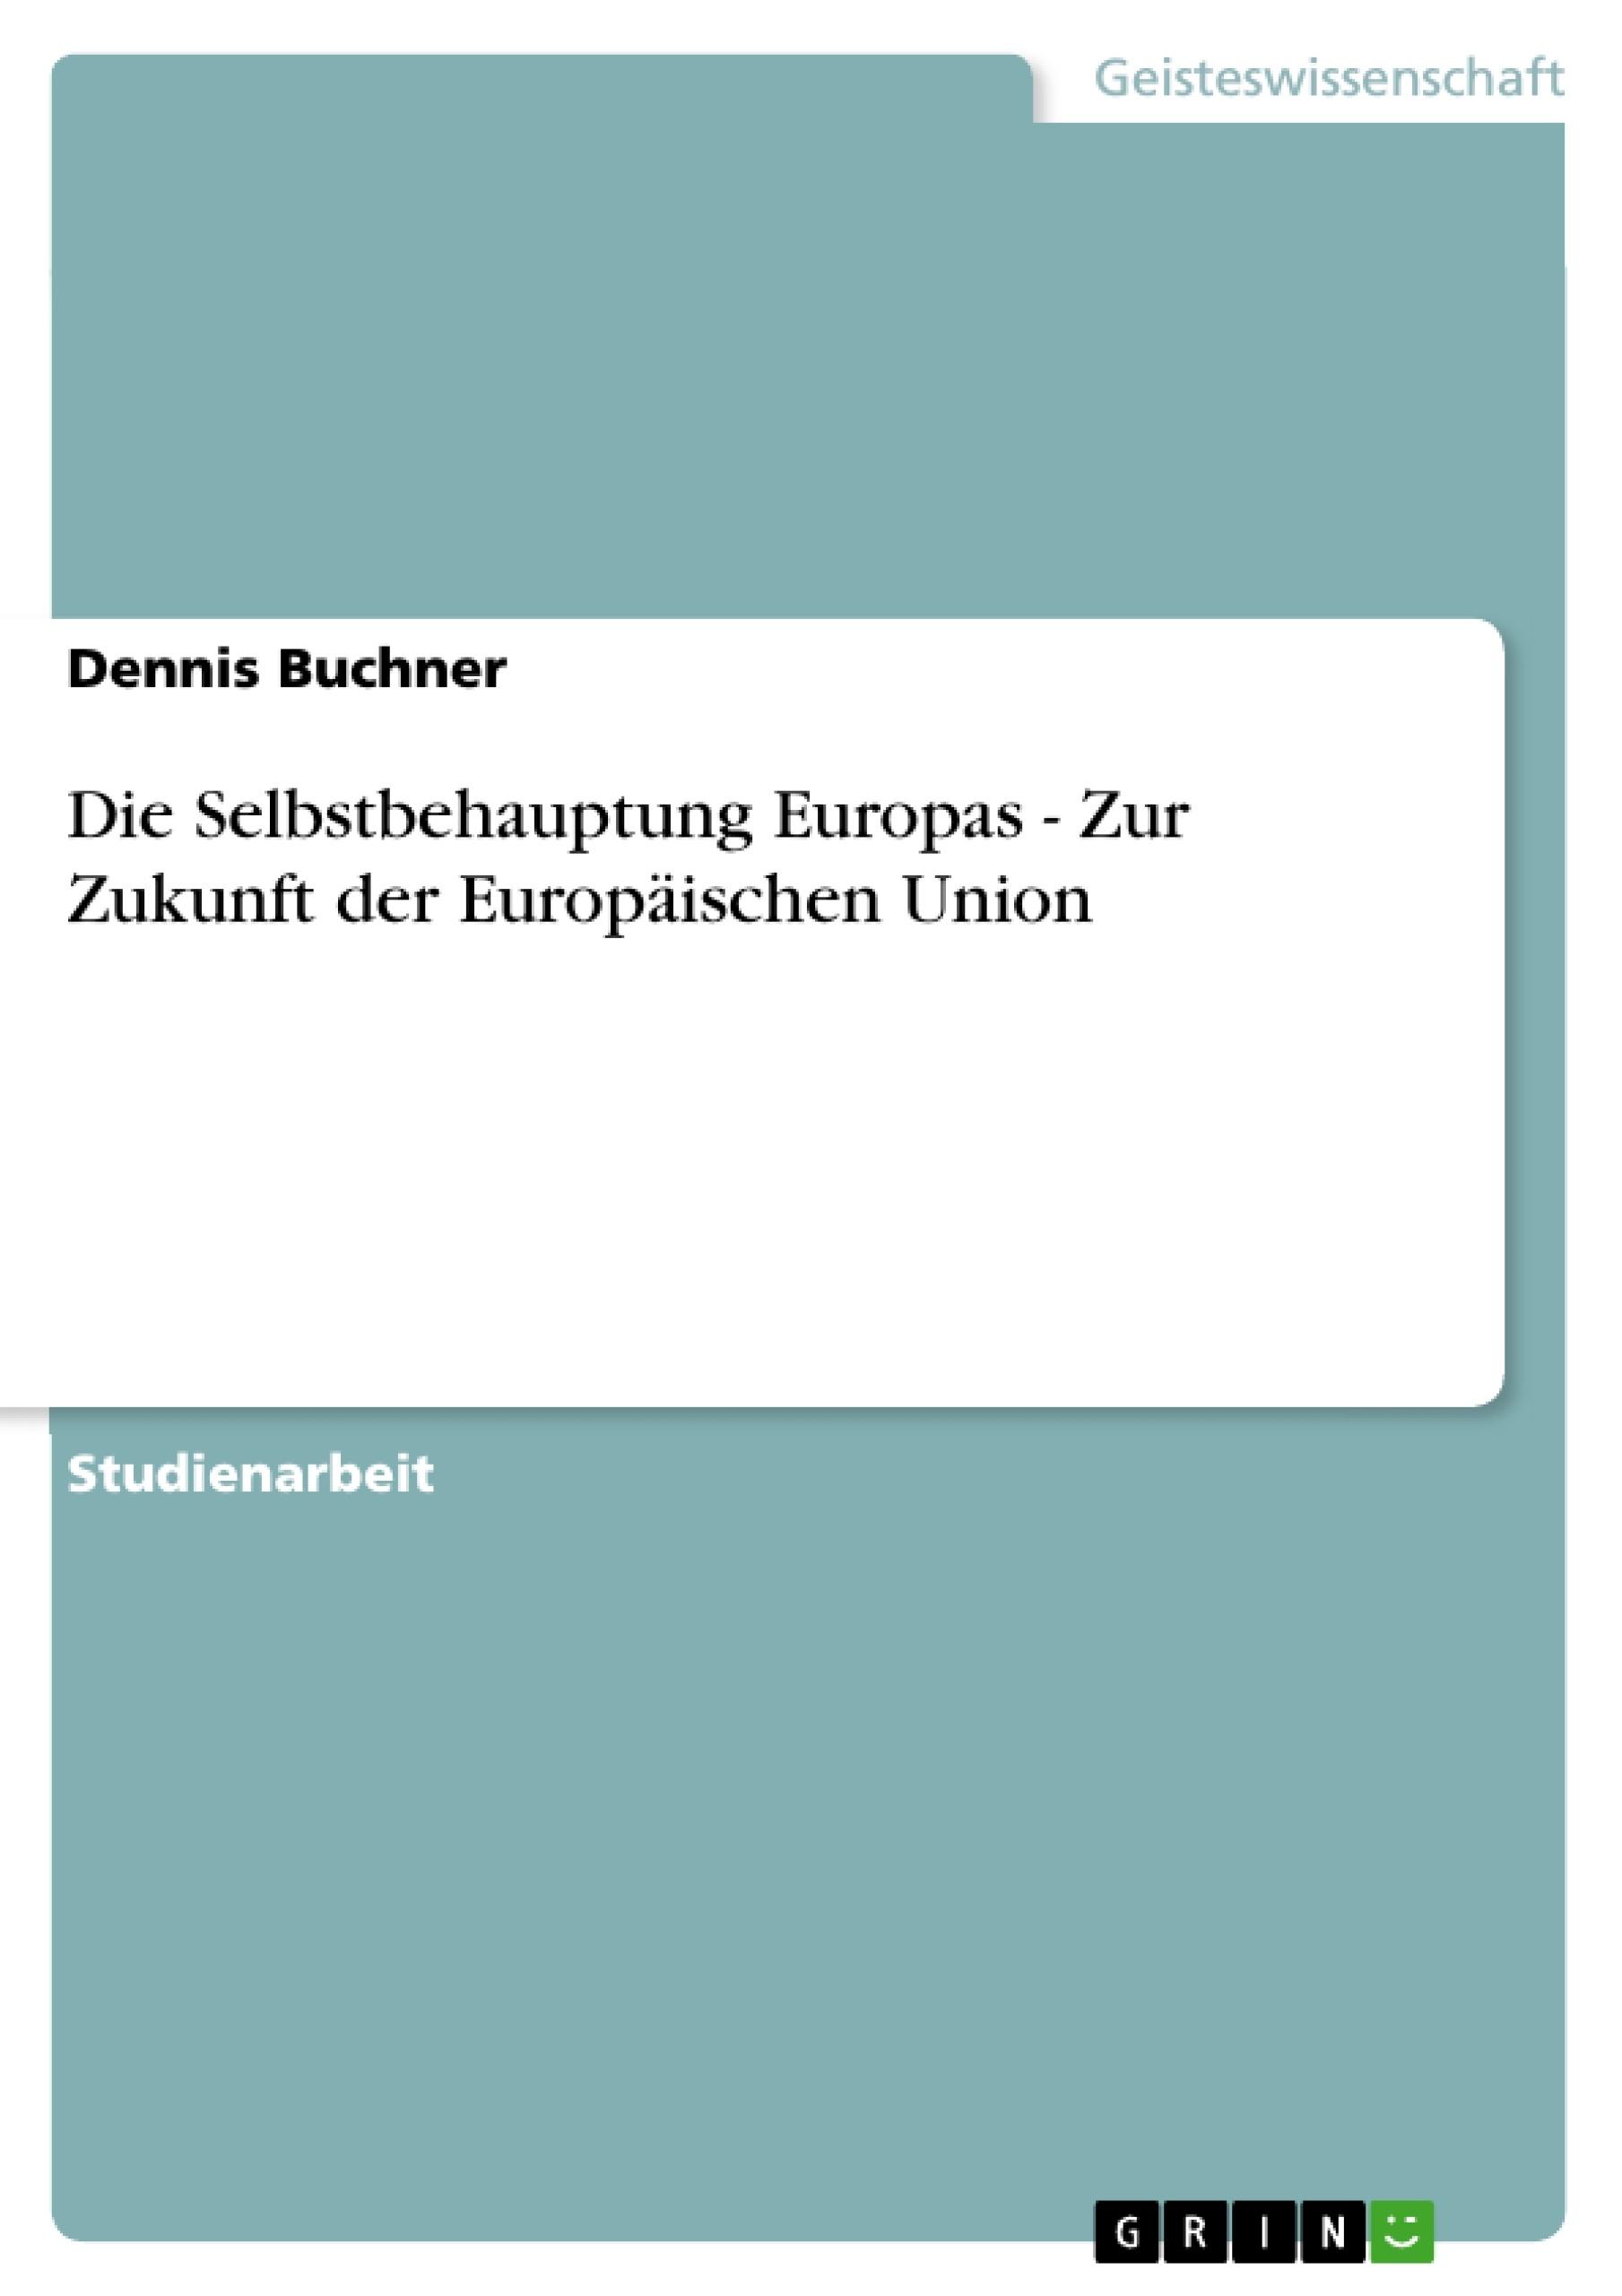 Titel: Die Selbstbehauptung Europas - Zur Zukunft der Europäischen Union